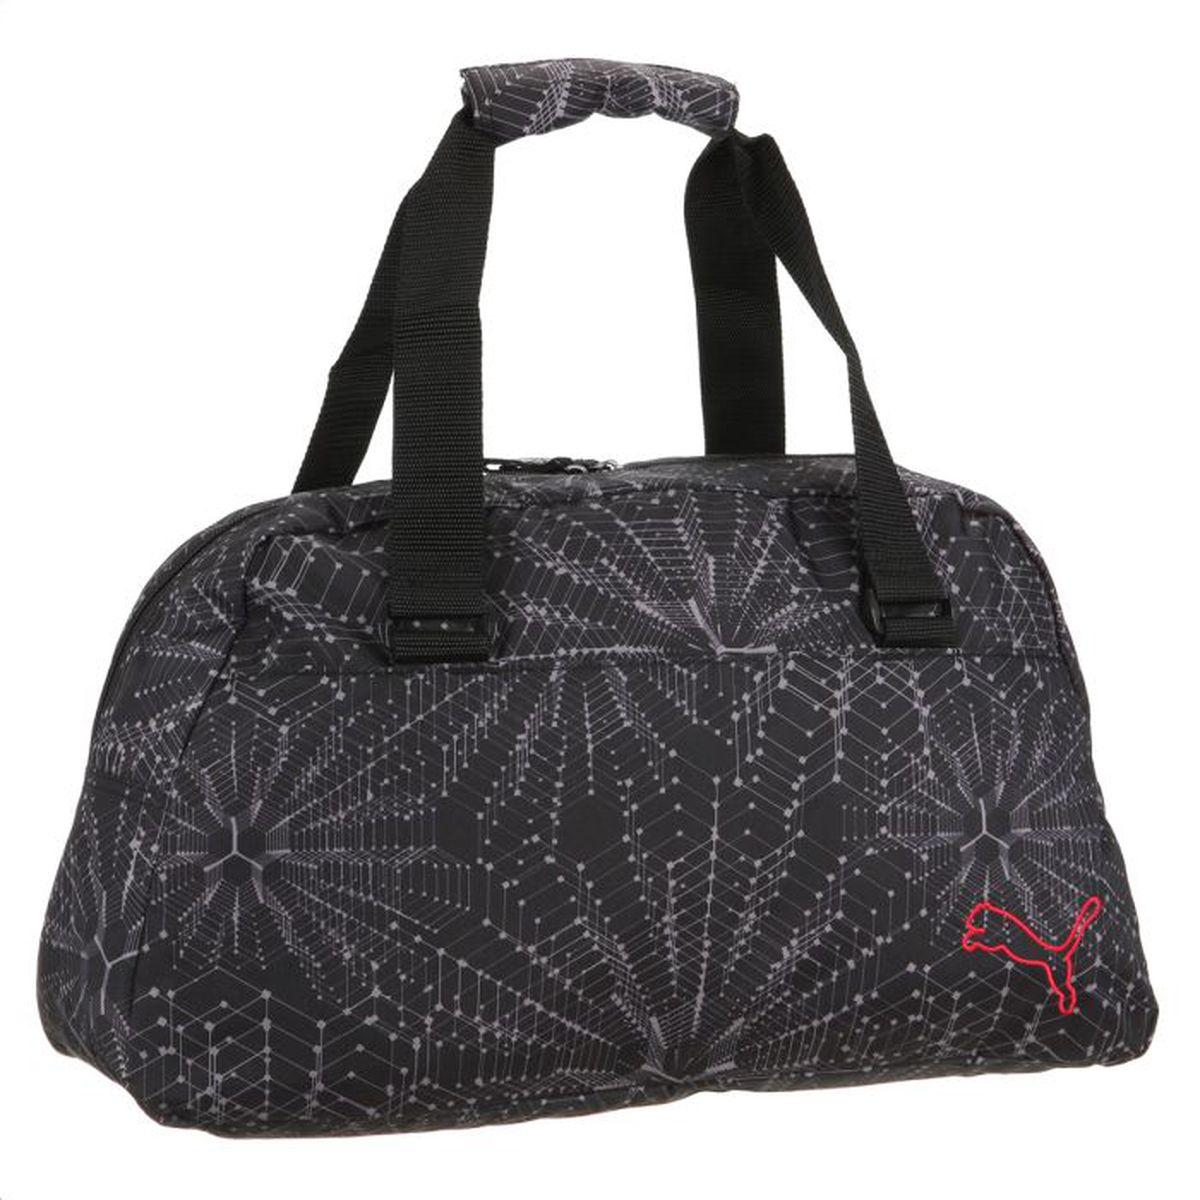 8ed067b97c PUMA Sac Sport Femme Noir et gris - Achat / Vente sac de sport ...